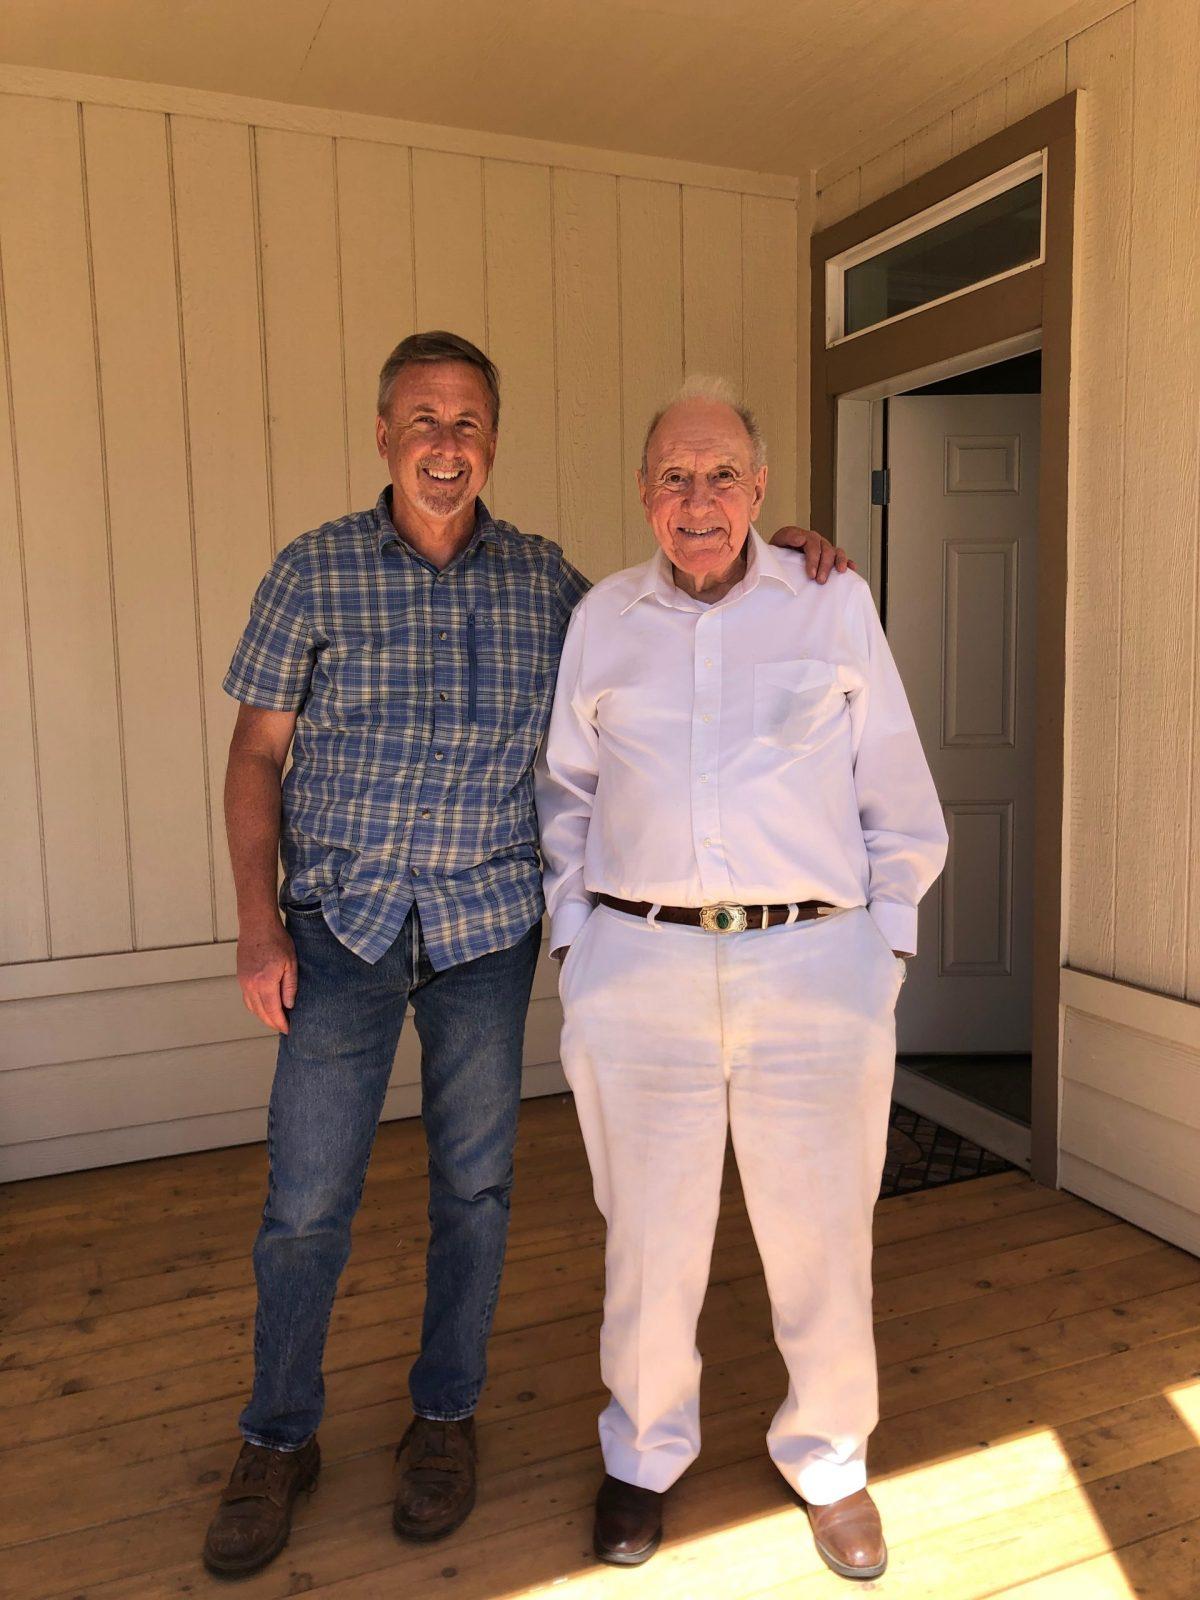 John Sensiba and Chuck Piazza